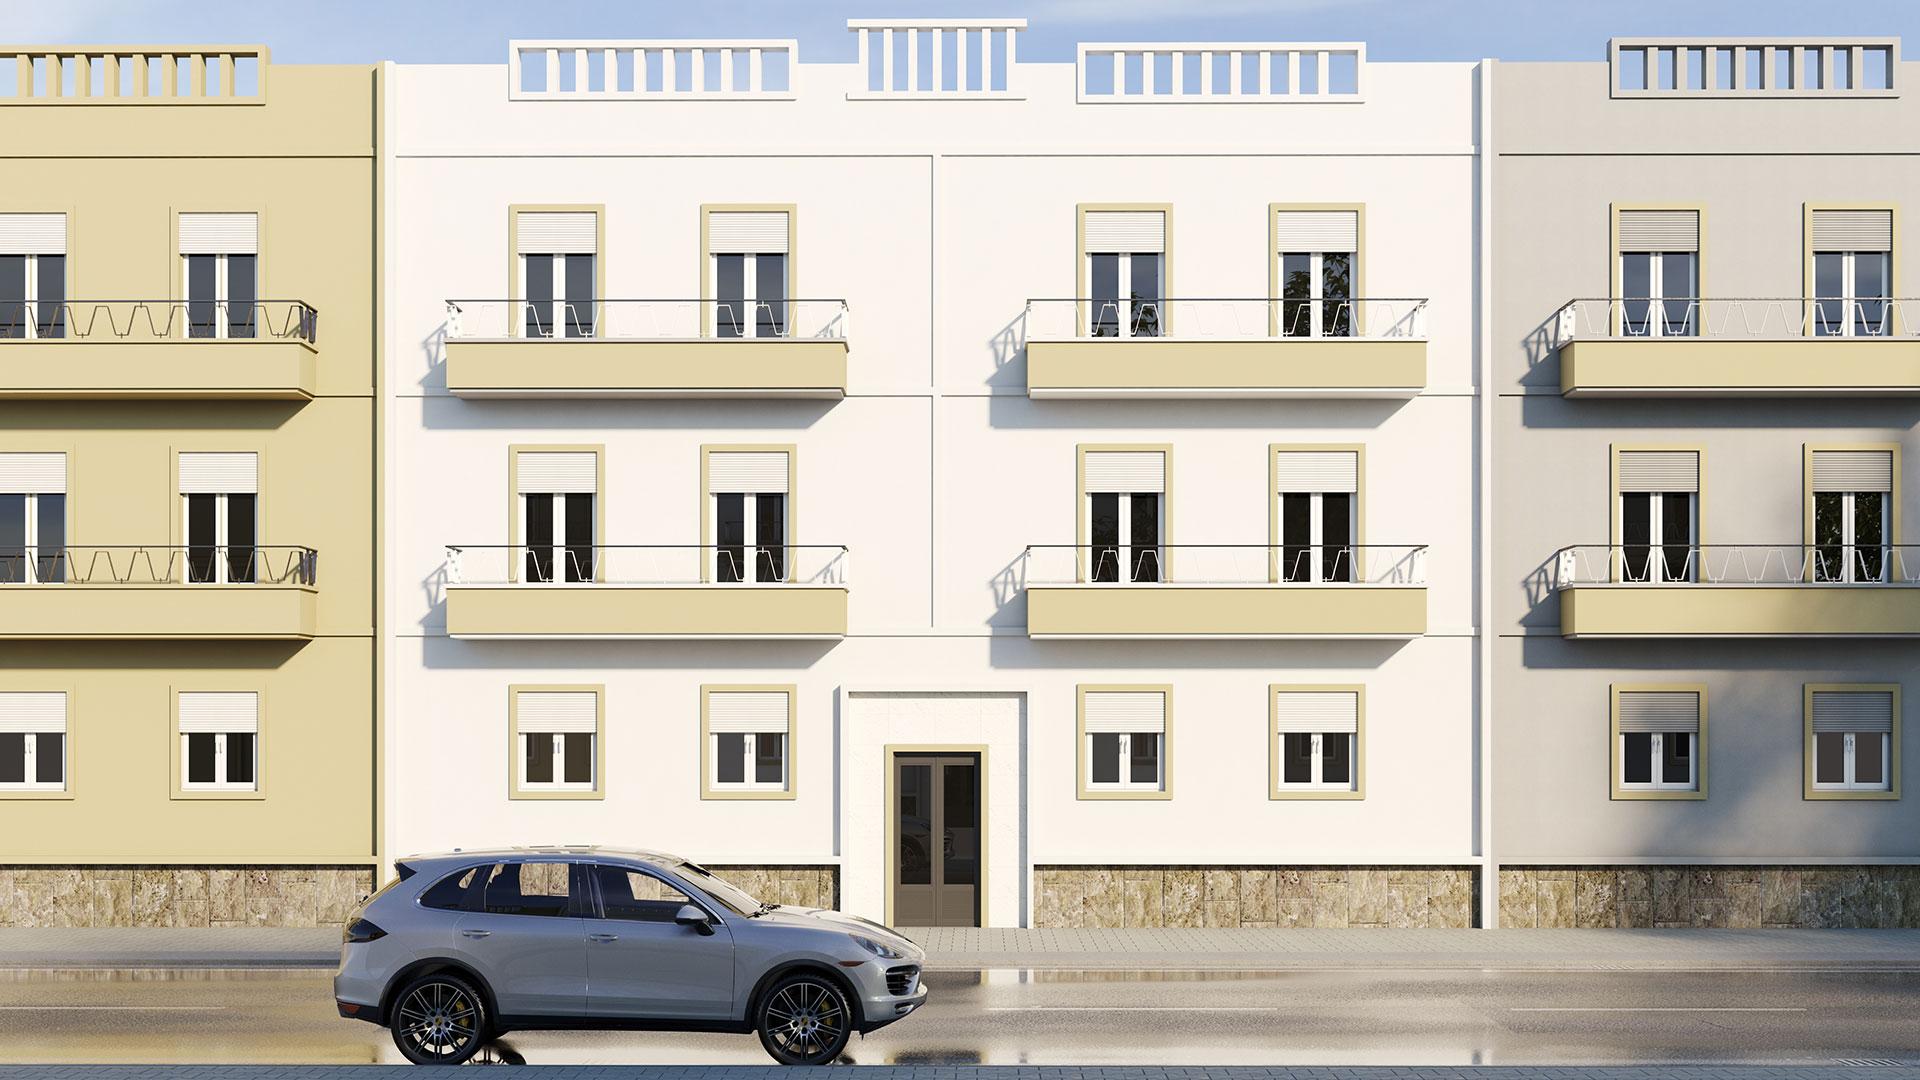 3D image of No.9, Faro, Portugal